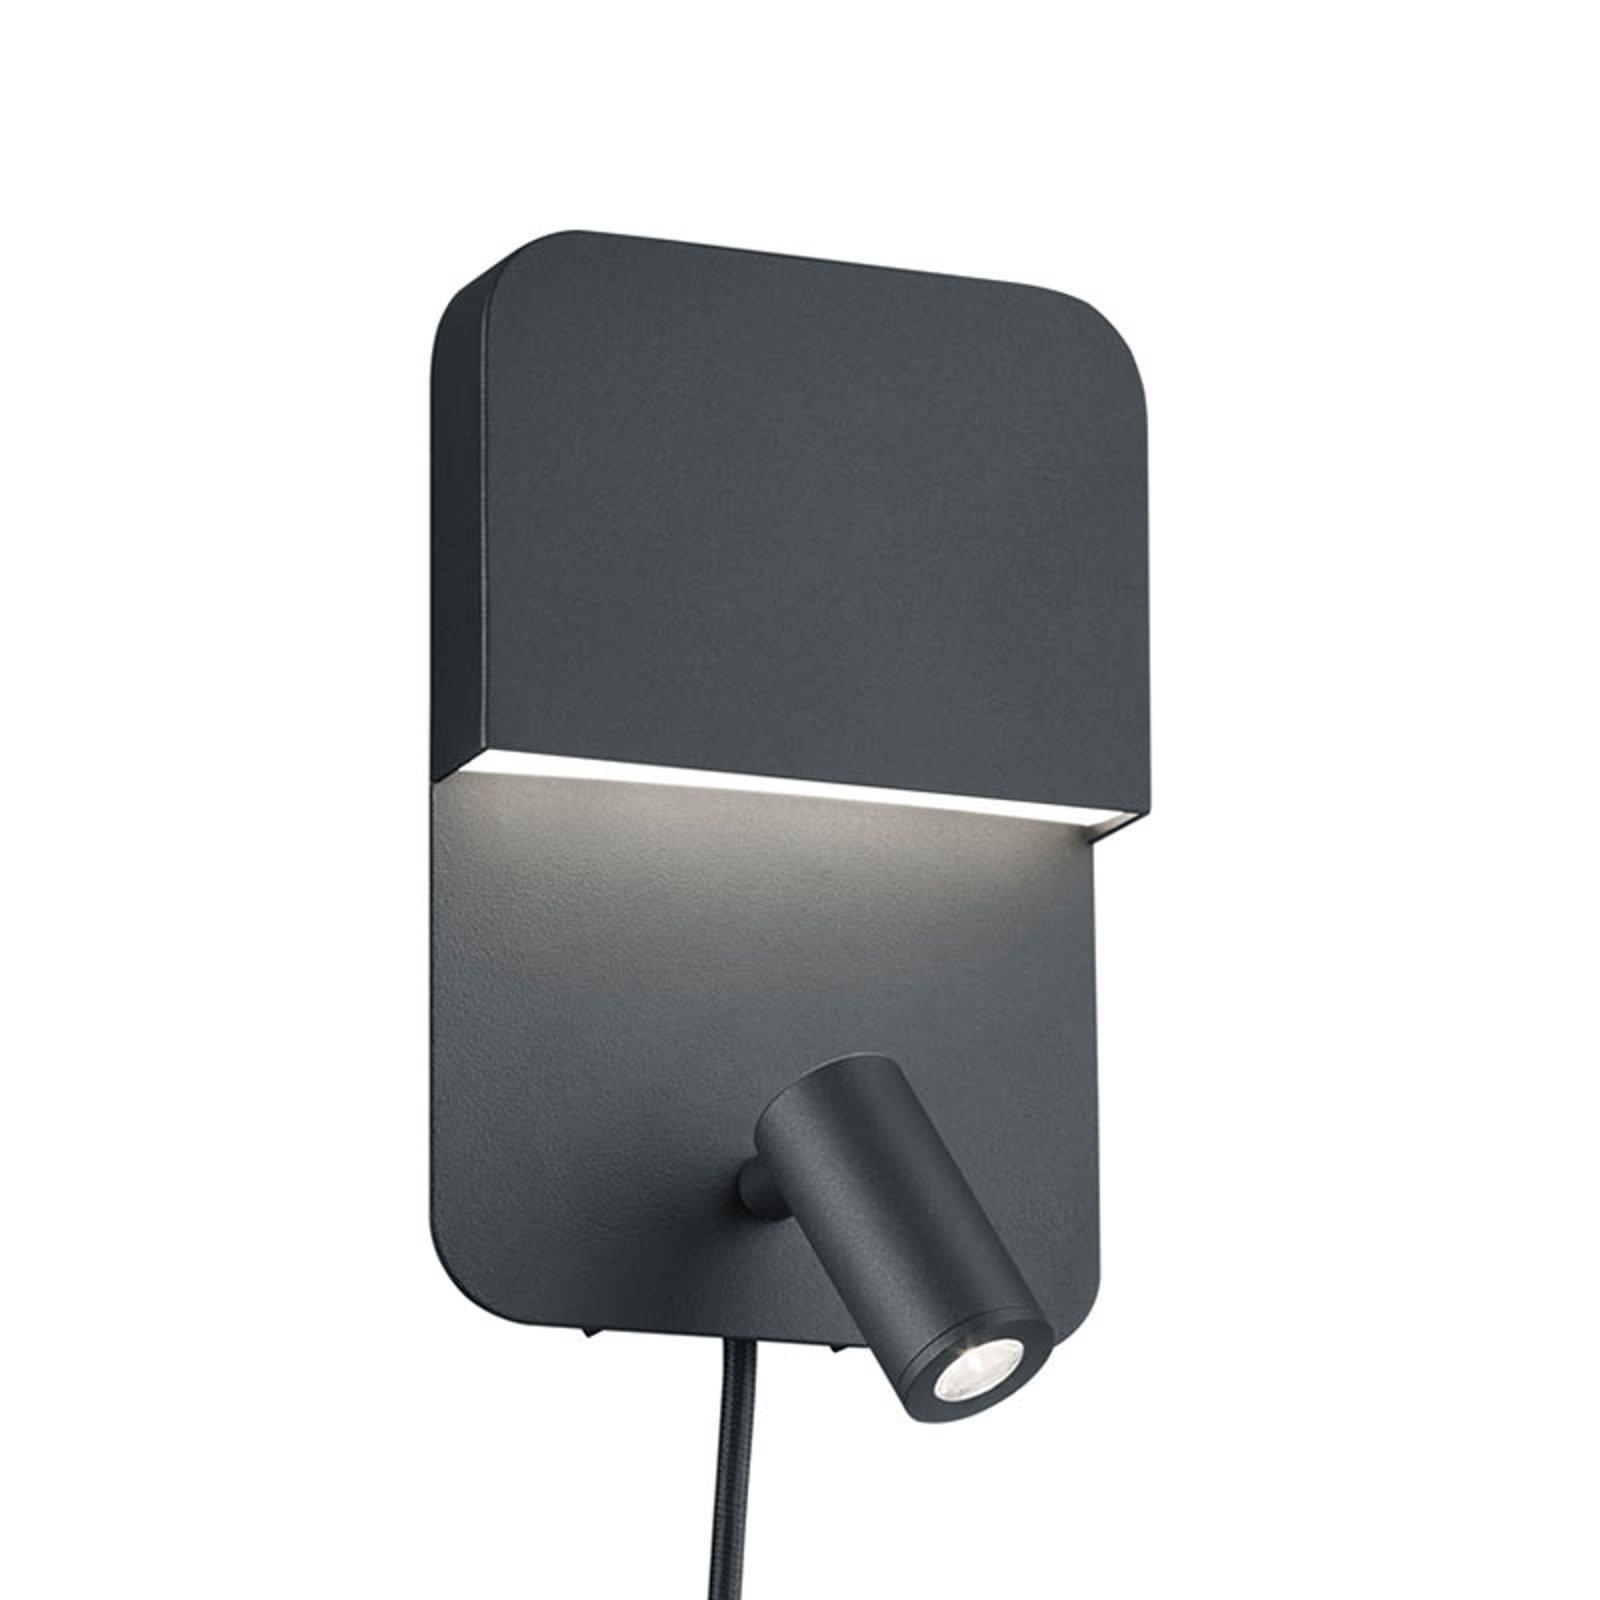 Matt svart LED-vegglampe Luigi med 2 brytere